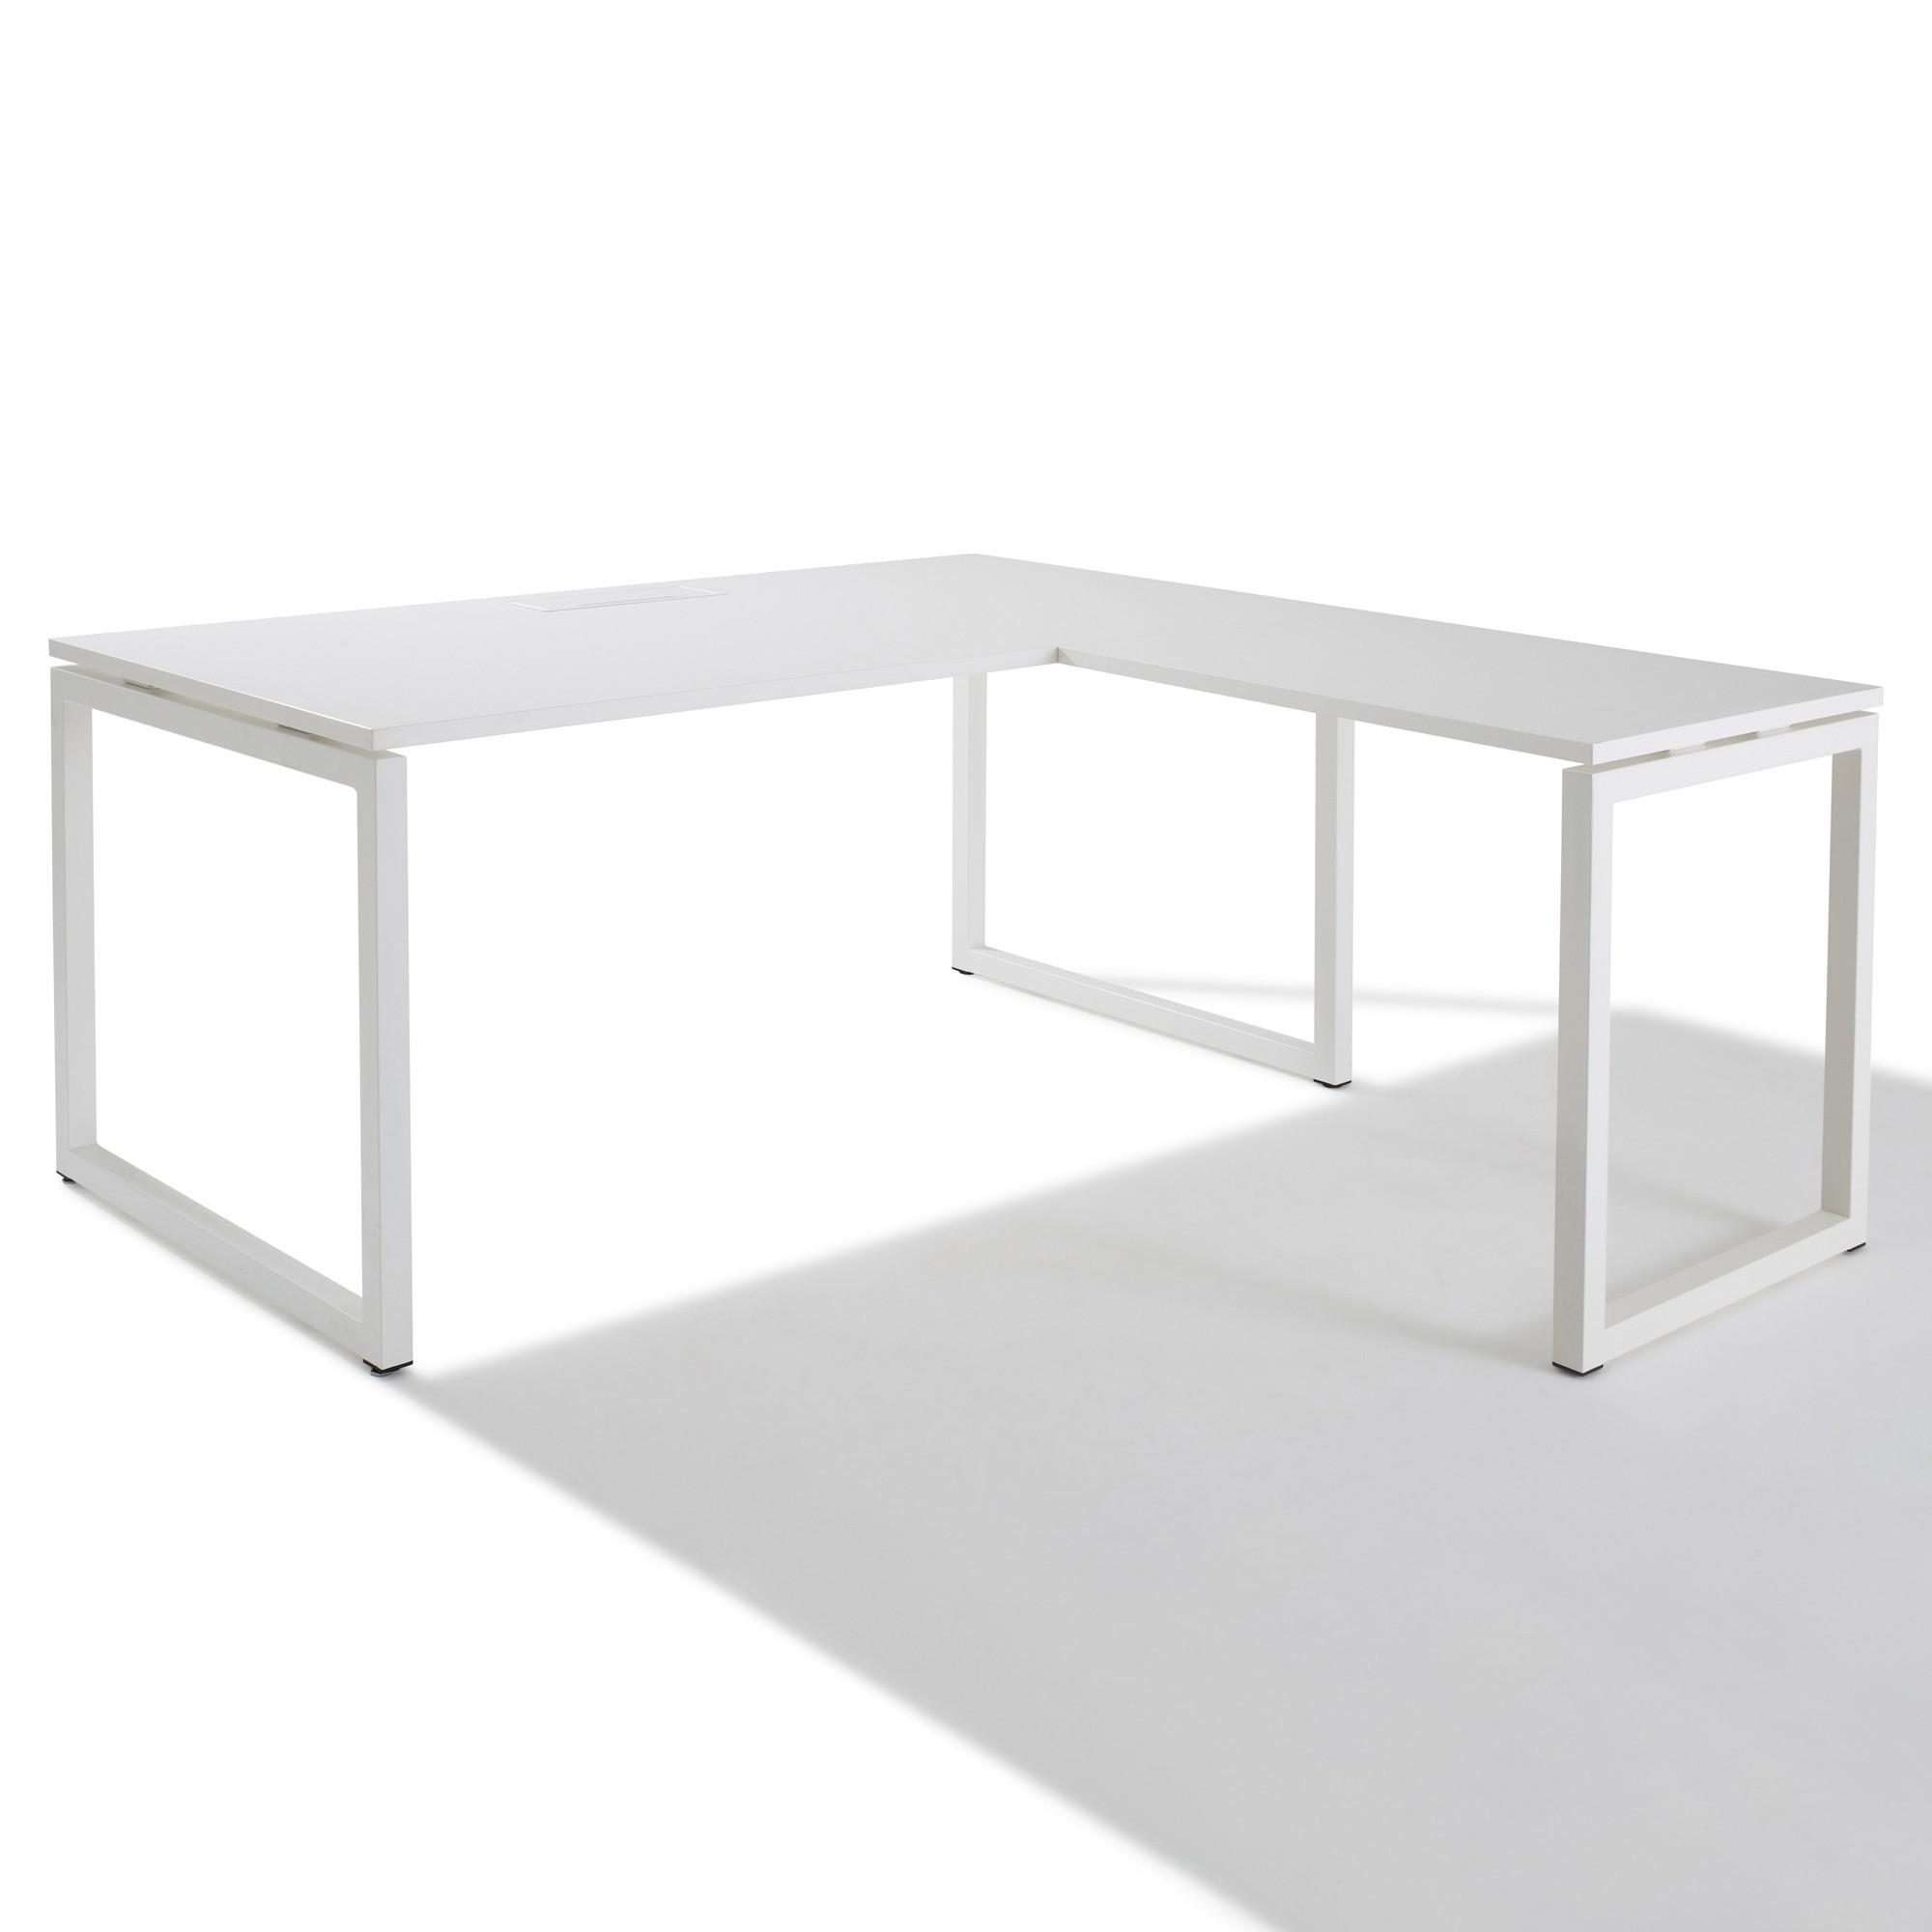 Idée Bureau D Angle bureau d'angle avec retour accroché - gamme cube- gosto